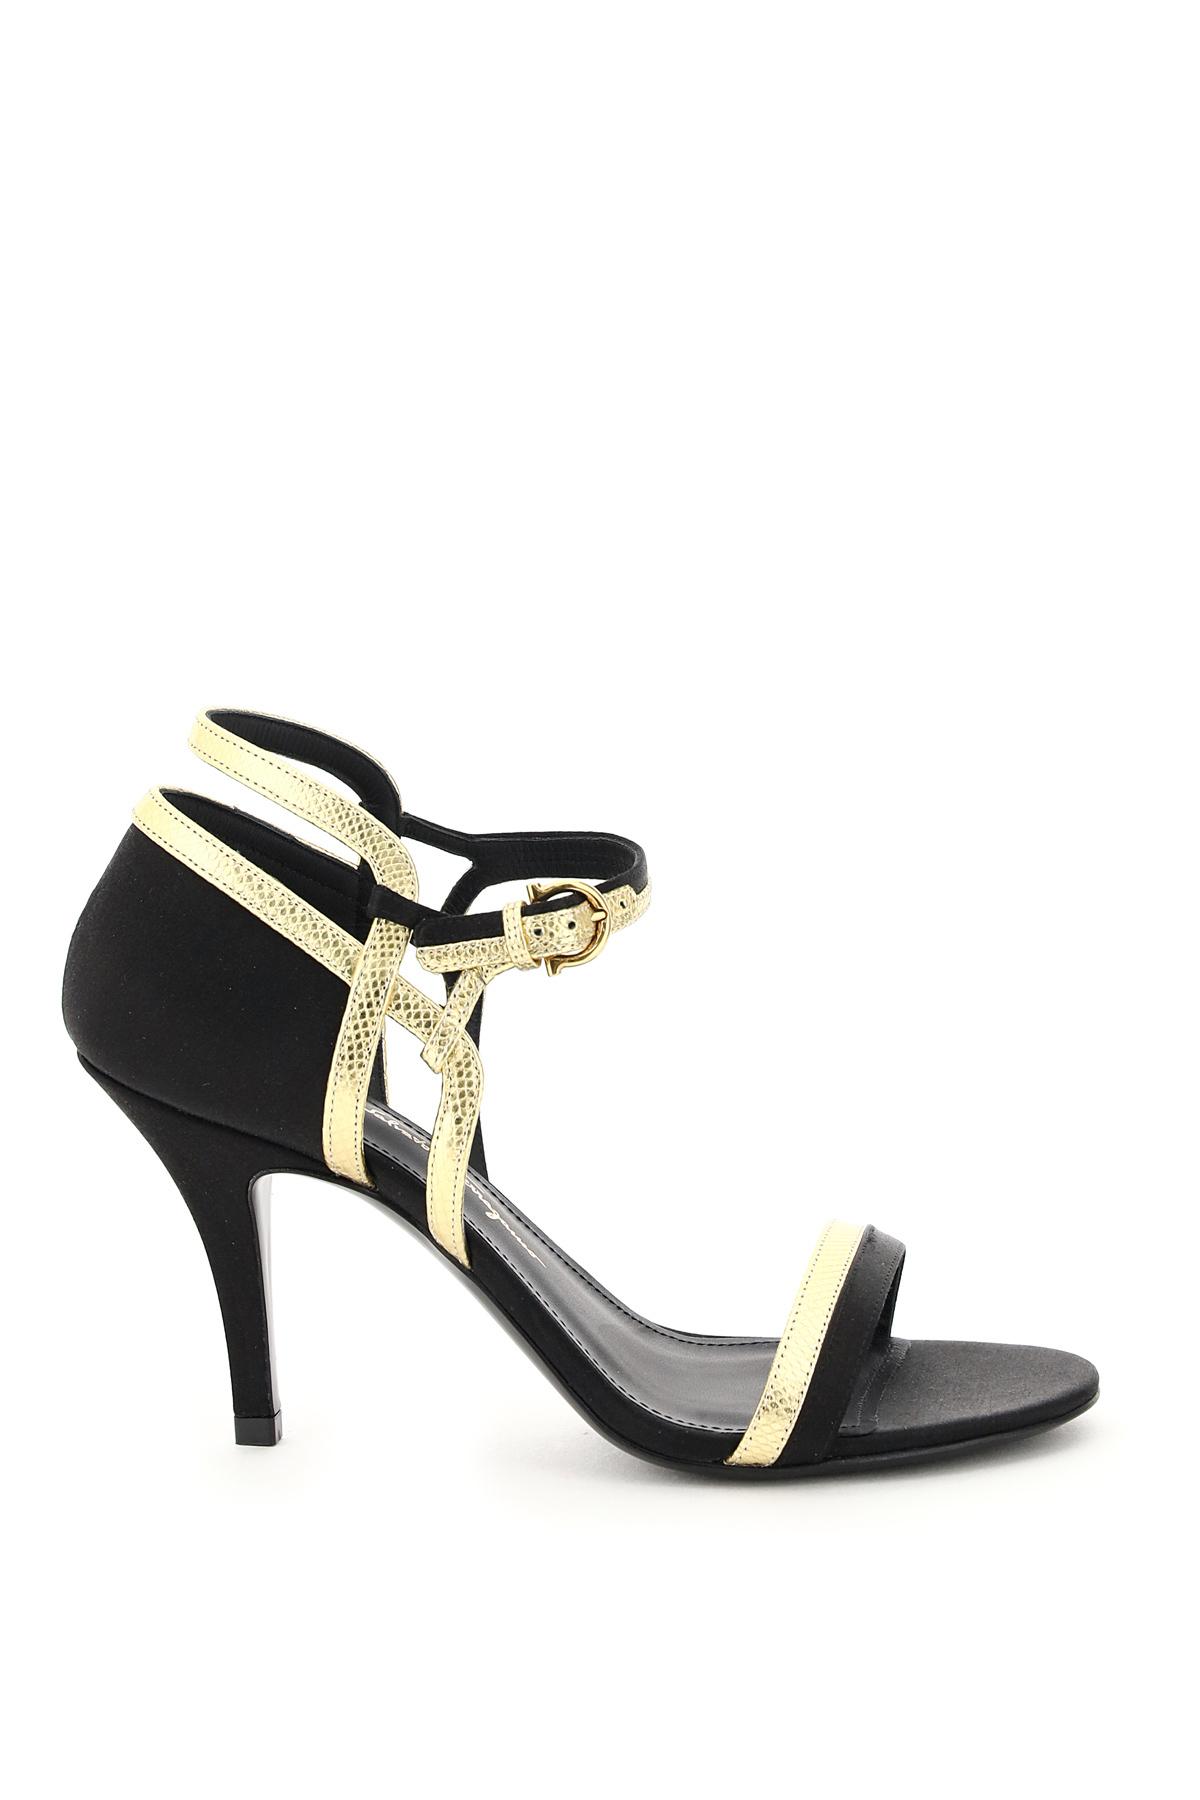 Salvatore ferragamo sandali bicolore malmo